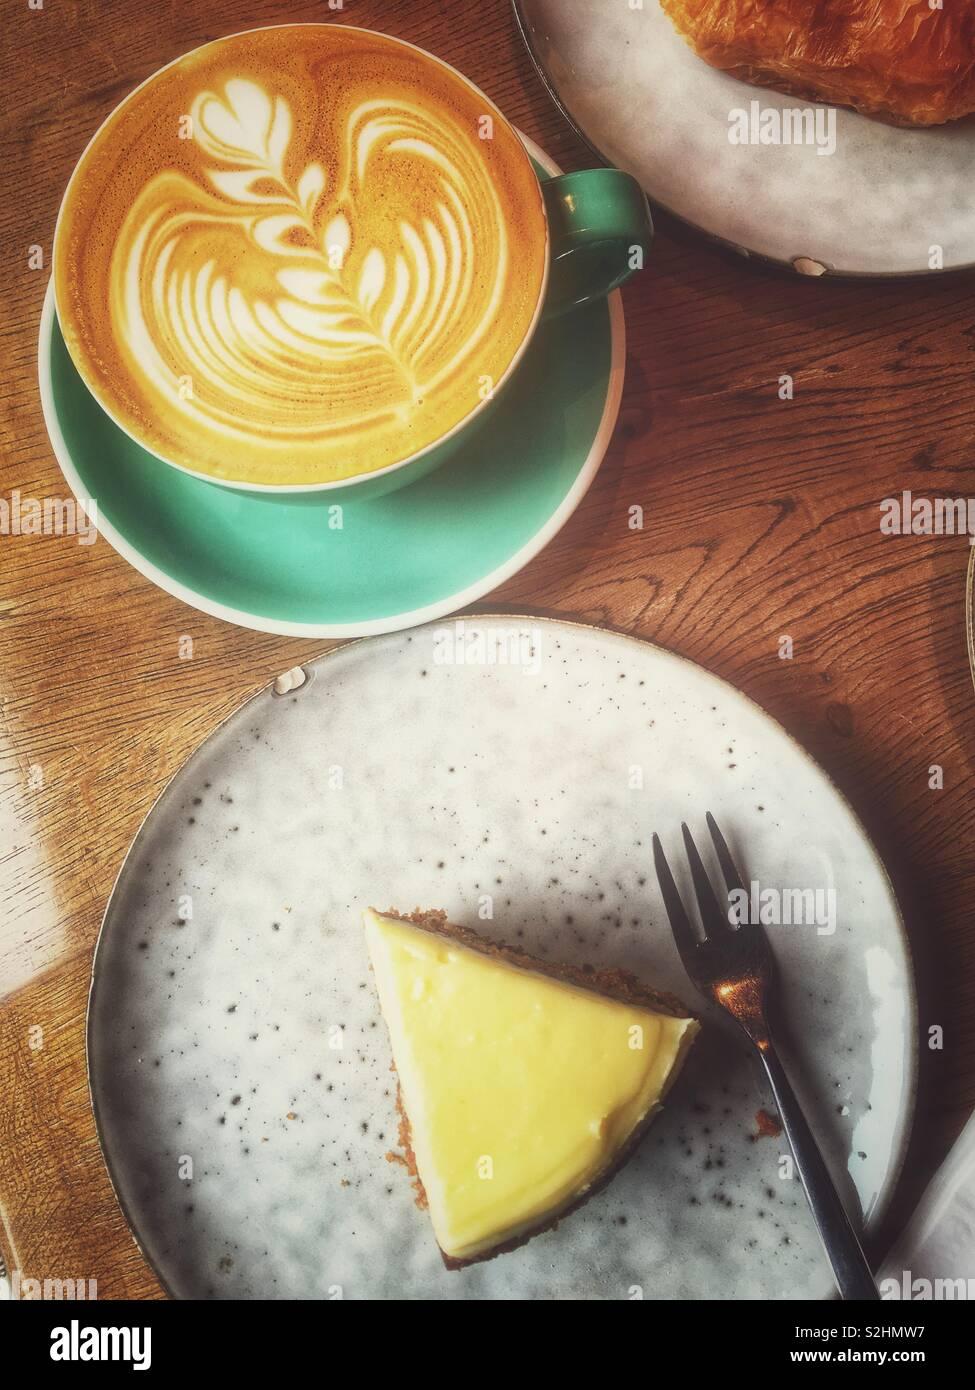 Kaffee und Dessert in einem Café. Stockbild